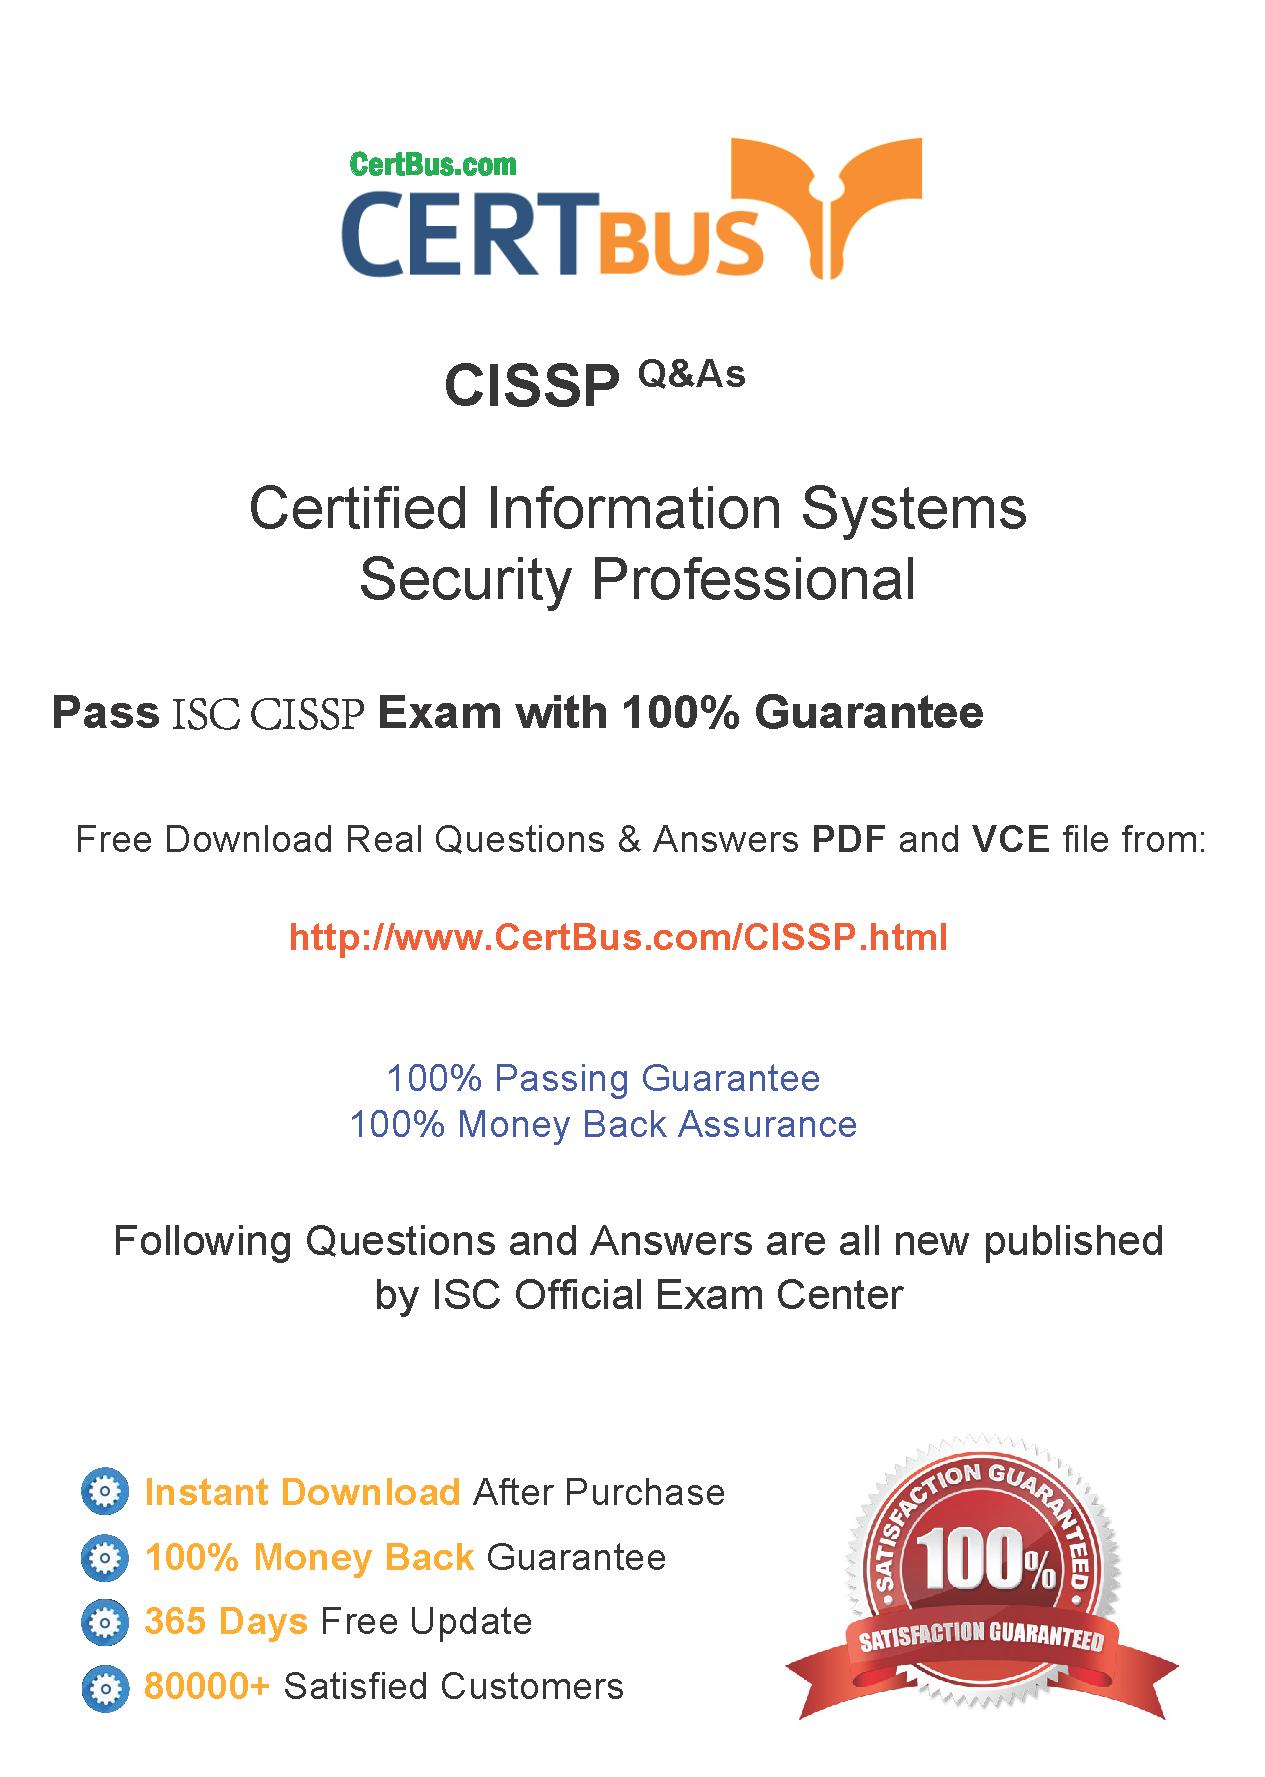 Certbus Isc Cissp Free Pdfvce Exam Practice Test Dumps Download